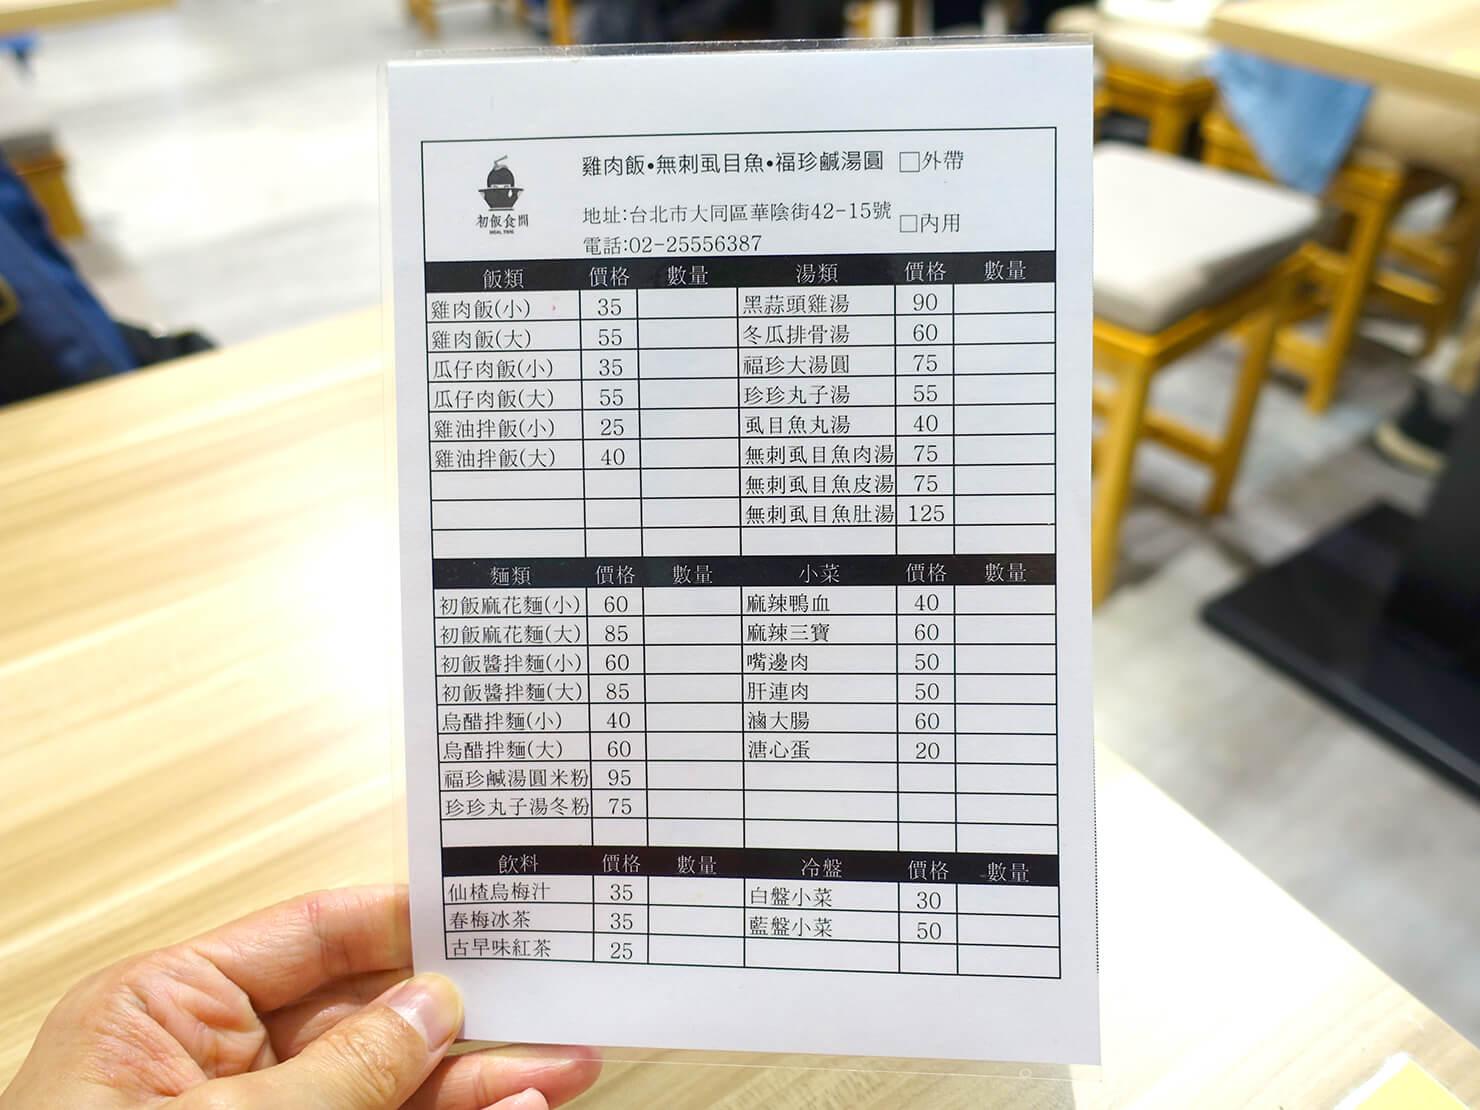 台北駅周辺のおすすめ台湾グルメ店「初飯食間」のメニュー